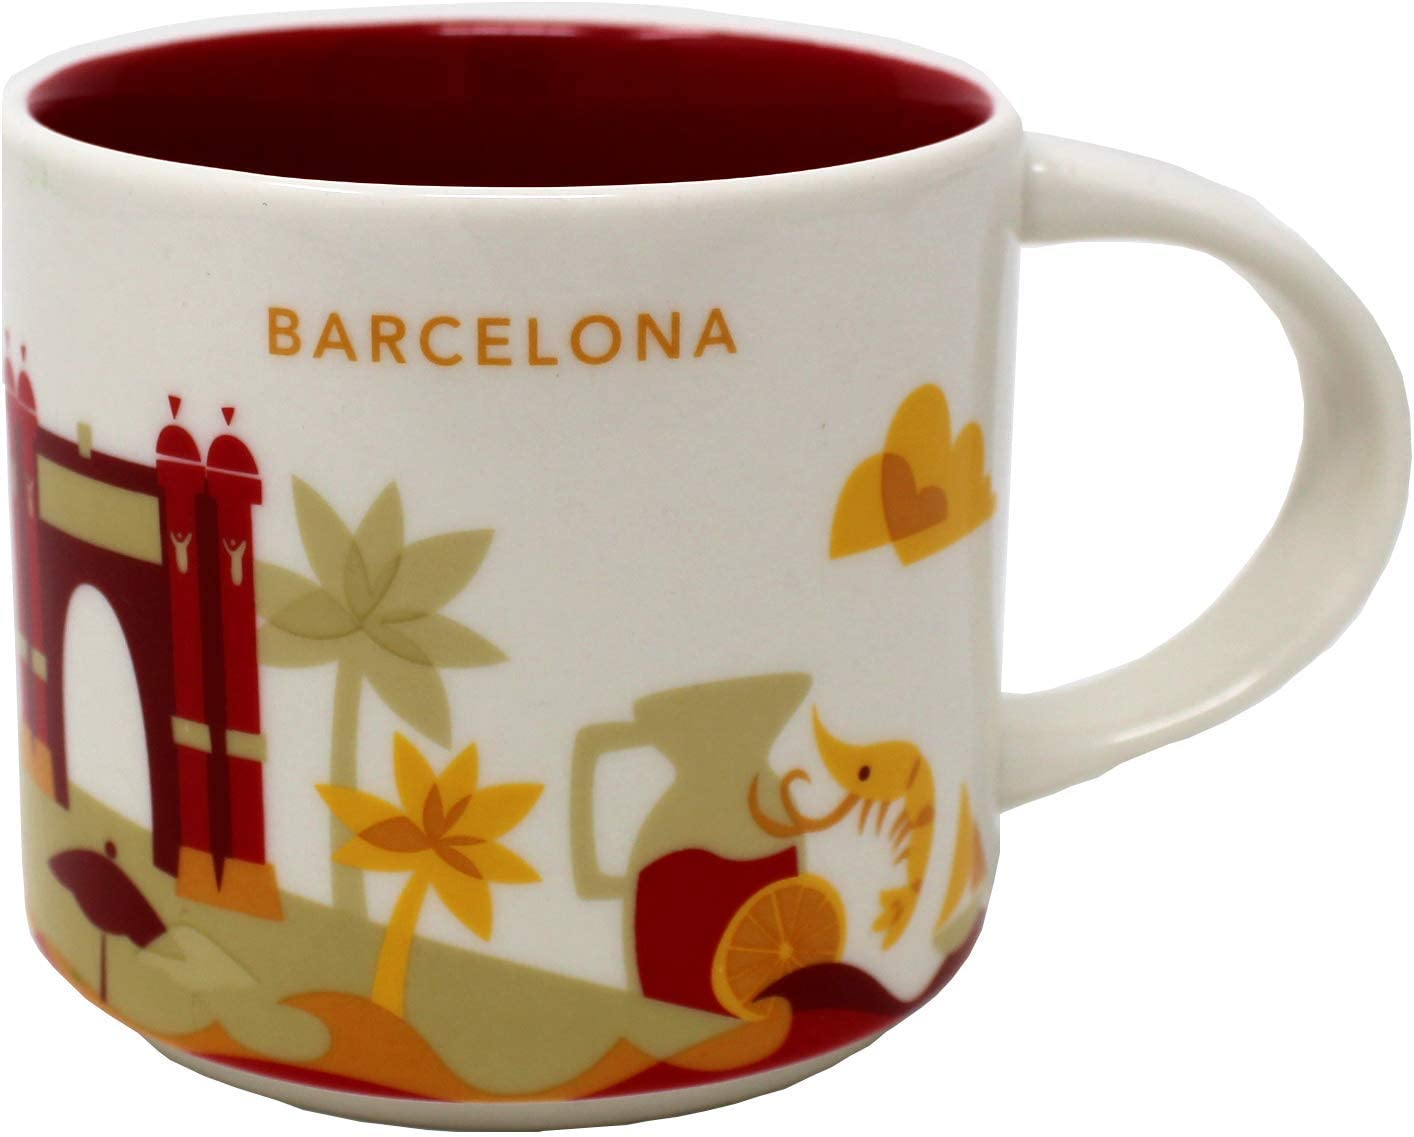 Starbucks Taza De Barcelona Yah - Usted Está Aquí - Taza De Café - Espana - Gambas - Camarones - Las Ramblas - Sangría 14 Oz Blanco: Amazon.es: Hogar